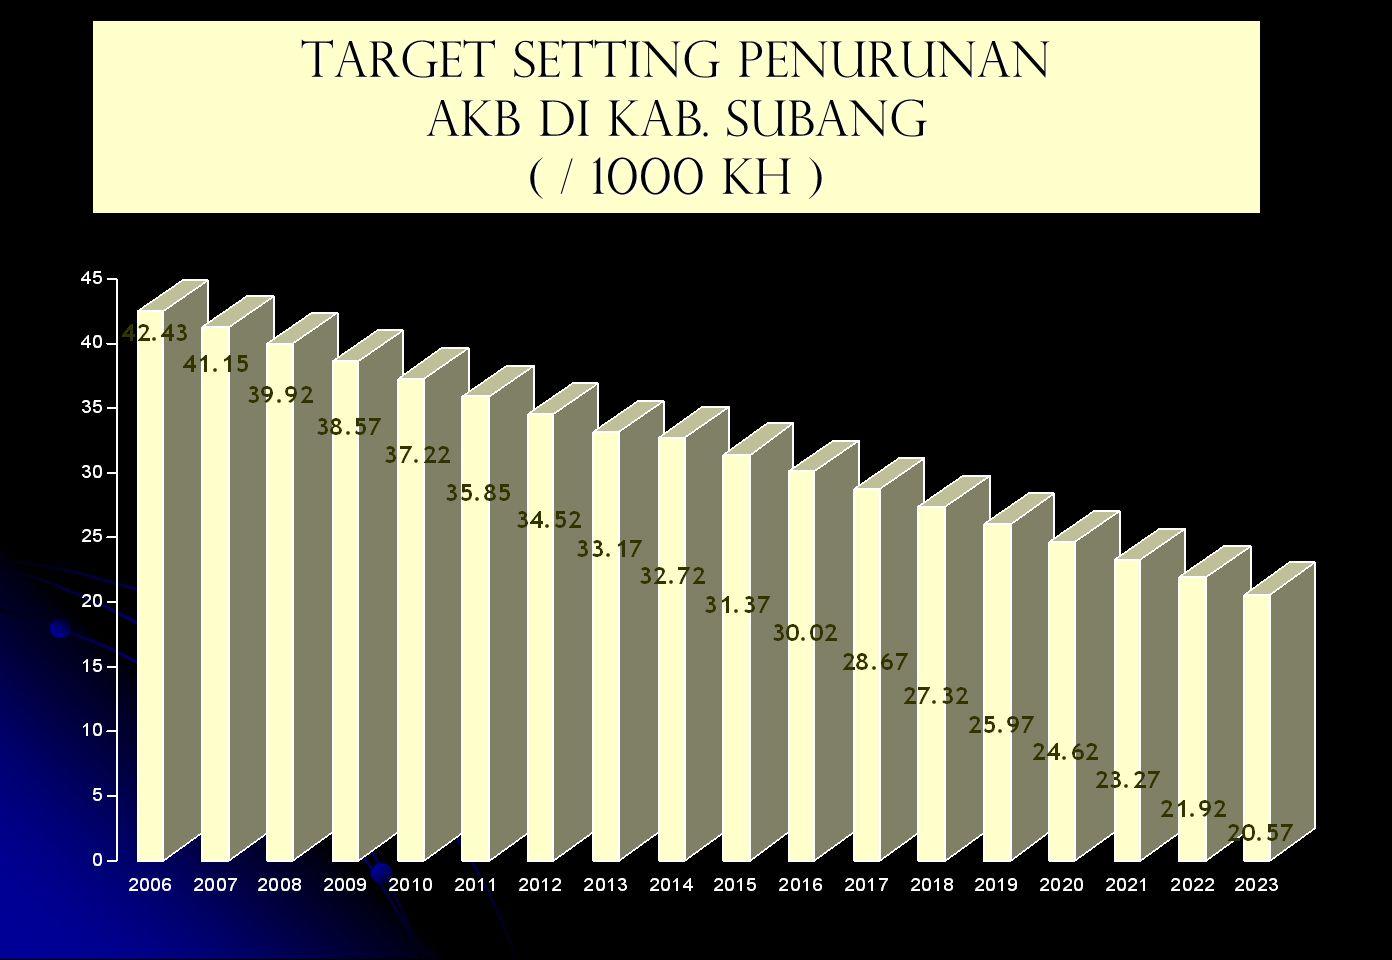 TARGET SETTING PENURUNAN AKB DI KAB. SUBANG ( / 1000 KH )